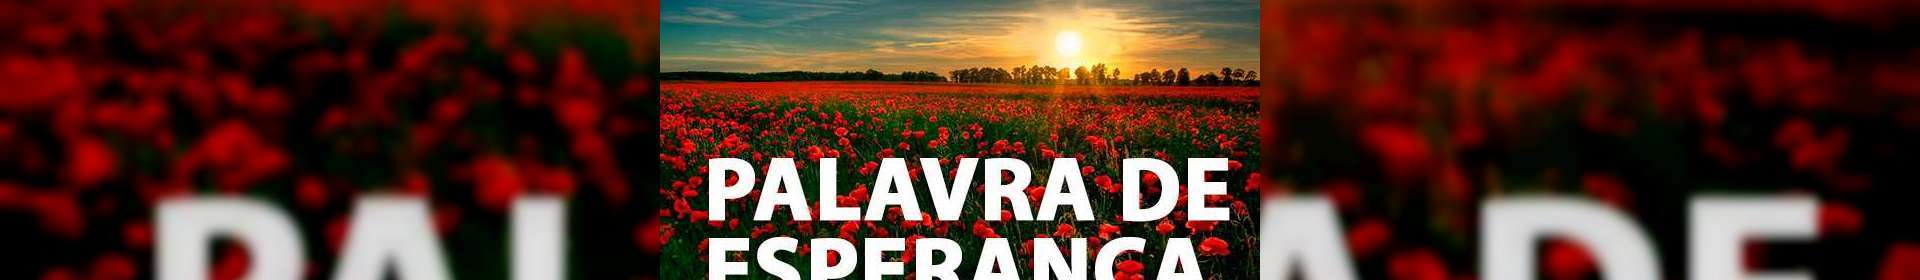 Salmos 56:3 - Uma Palavra de esperança para sua vida